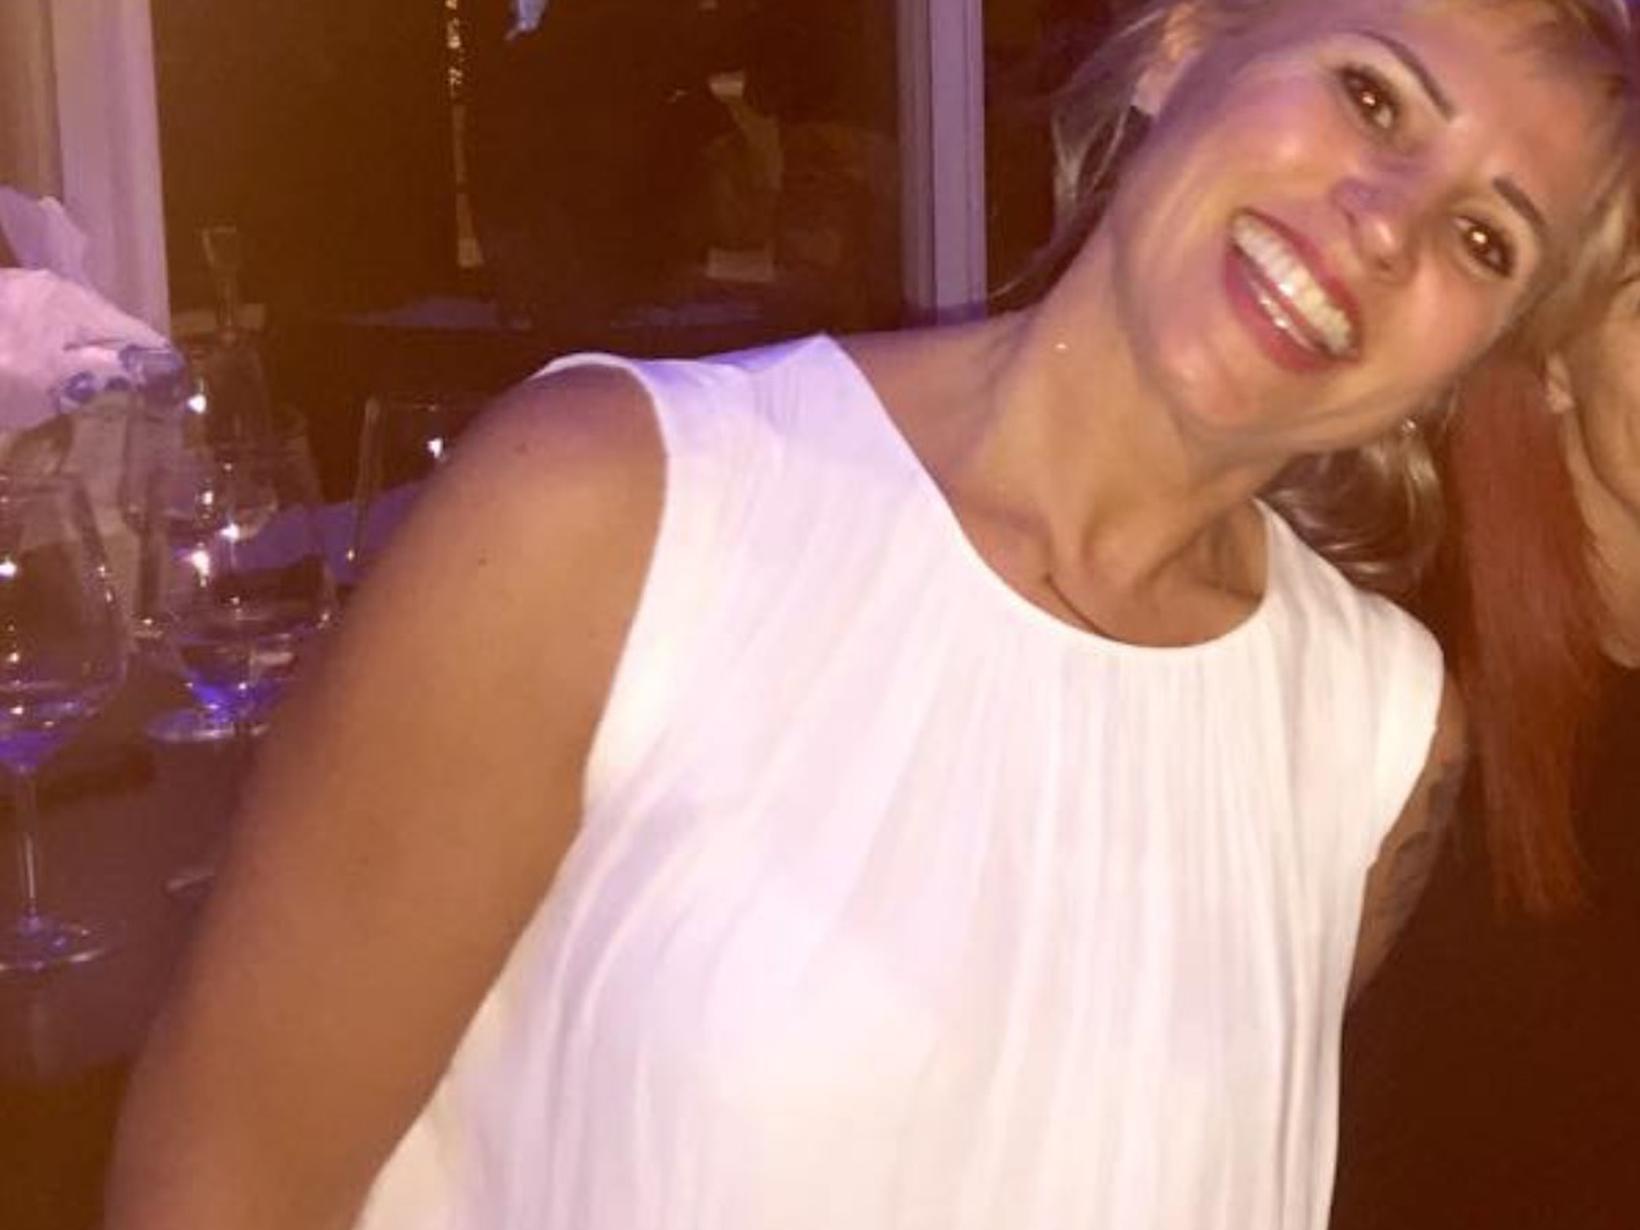 Daniela from Lugano, Switzerland